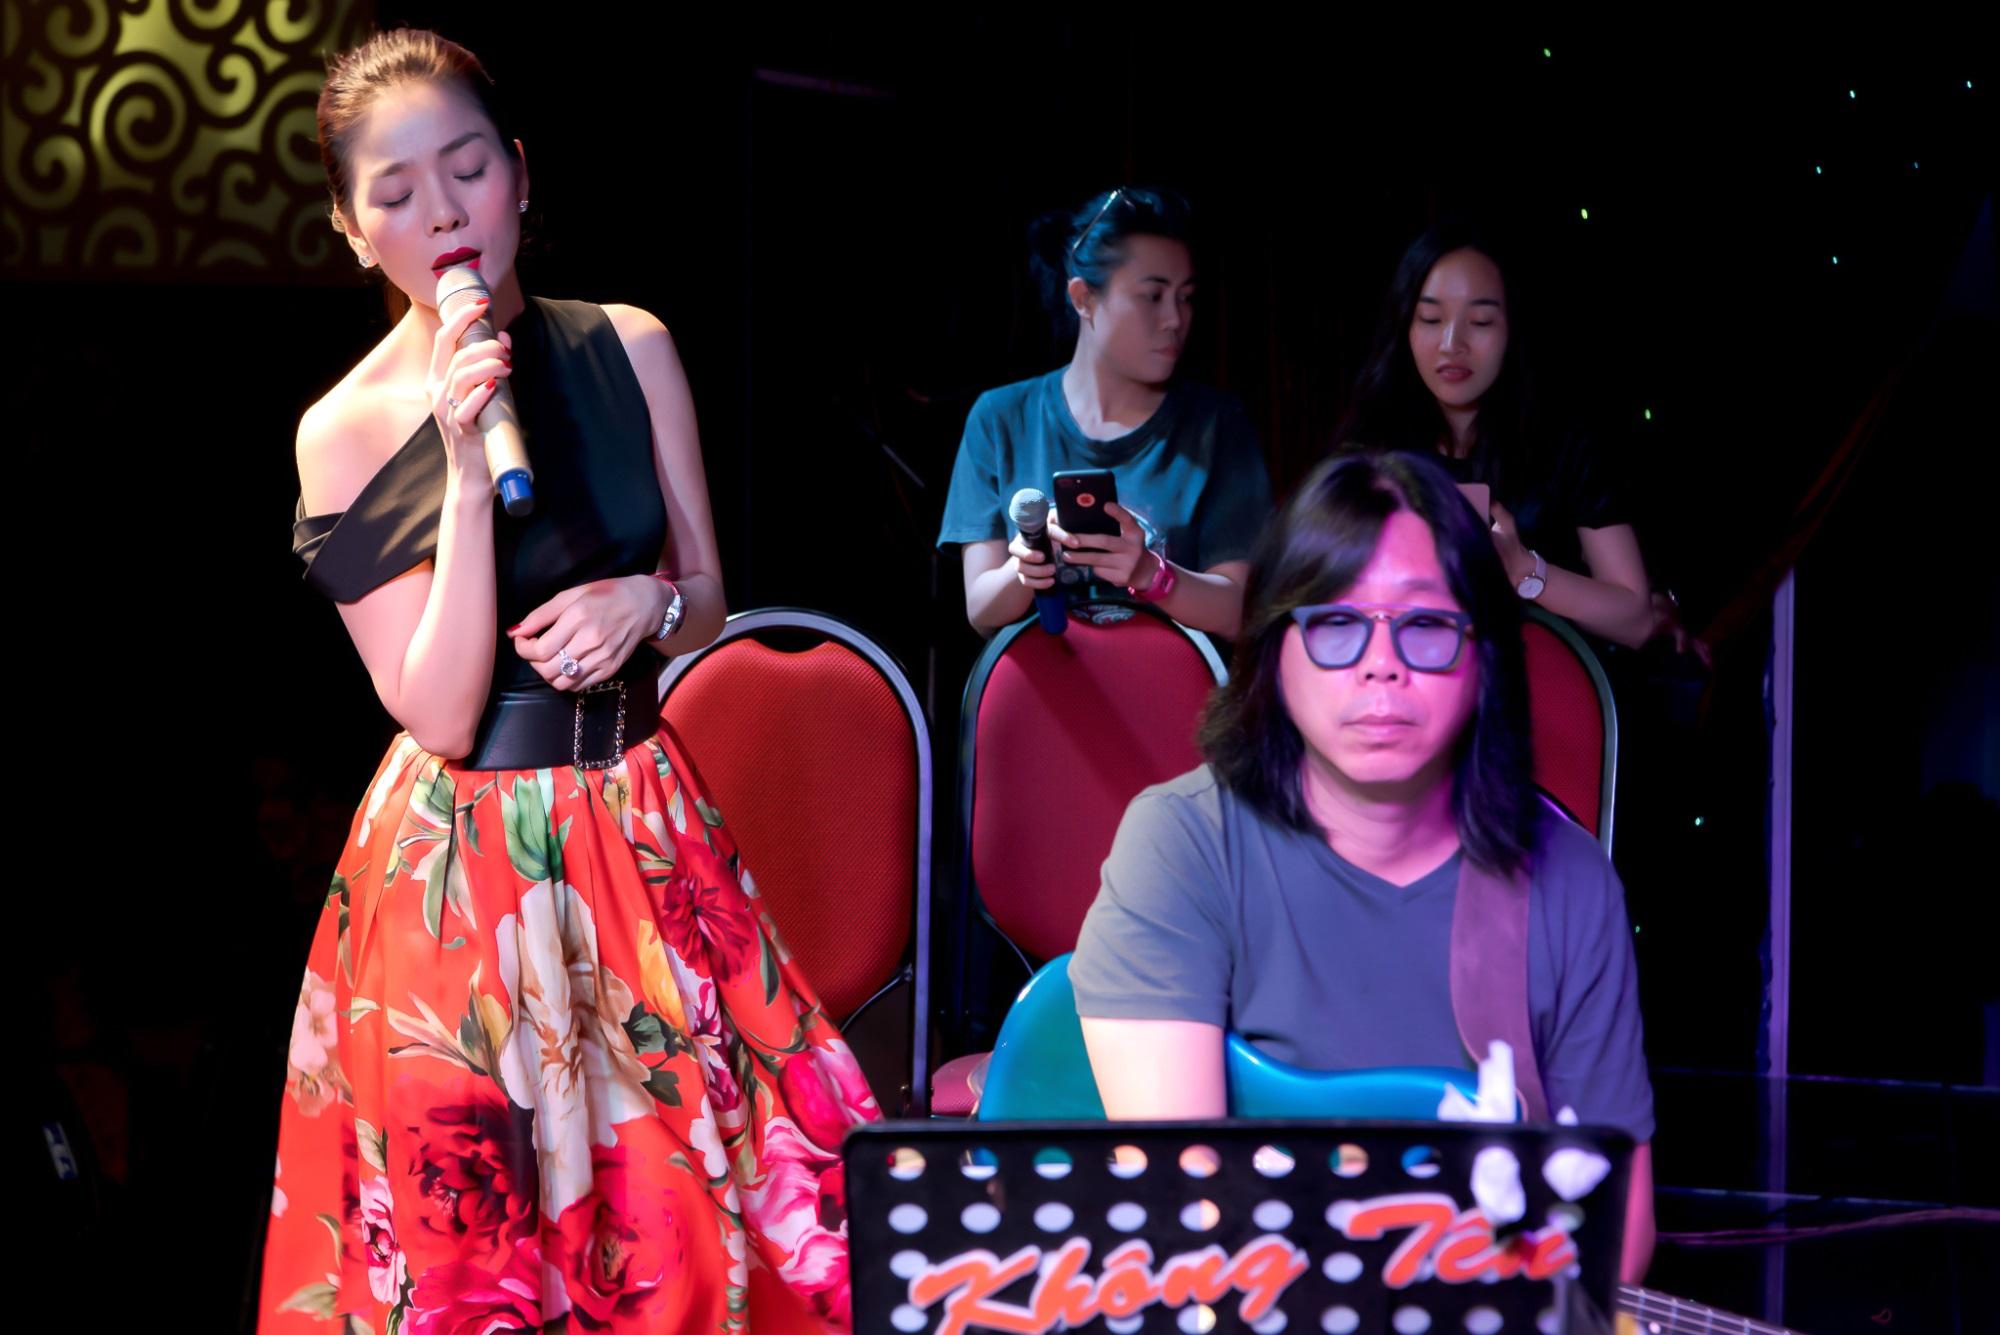 Lệ Quyên nghỉ hát hai tháng để toàn tâm toàn lực cho liveshow kỉ niệm 20 năm ca hát - Ảnh 1